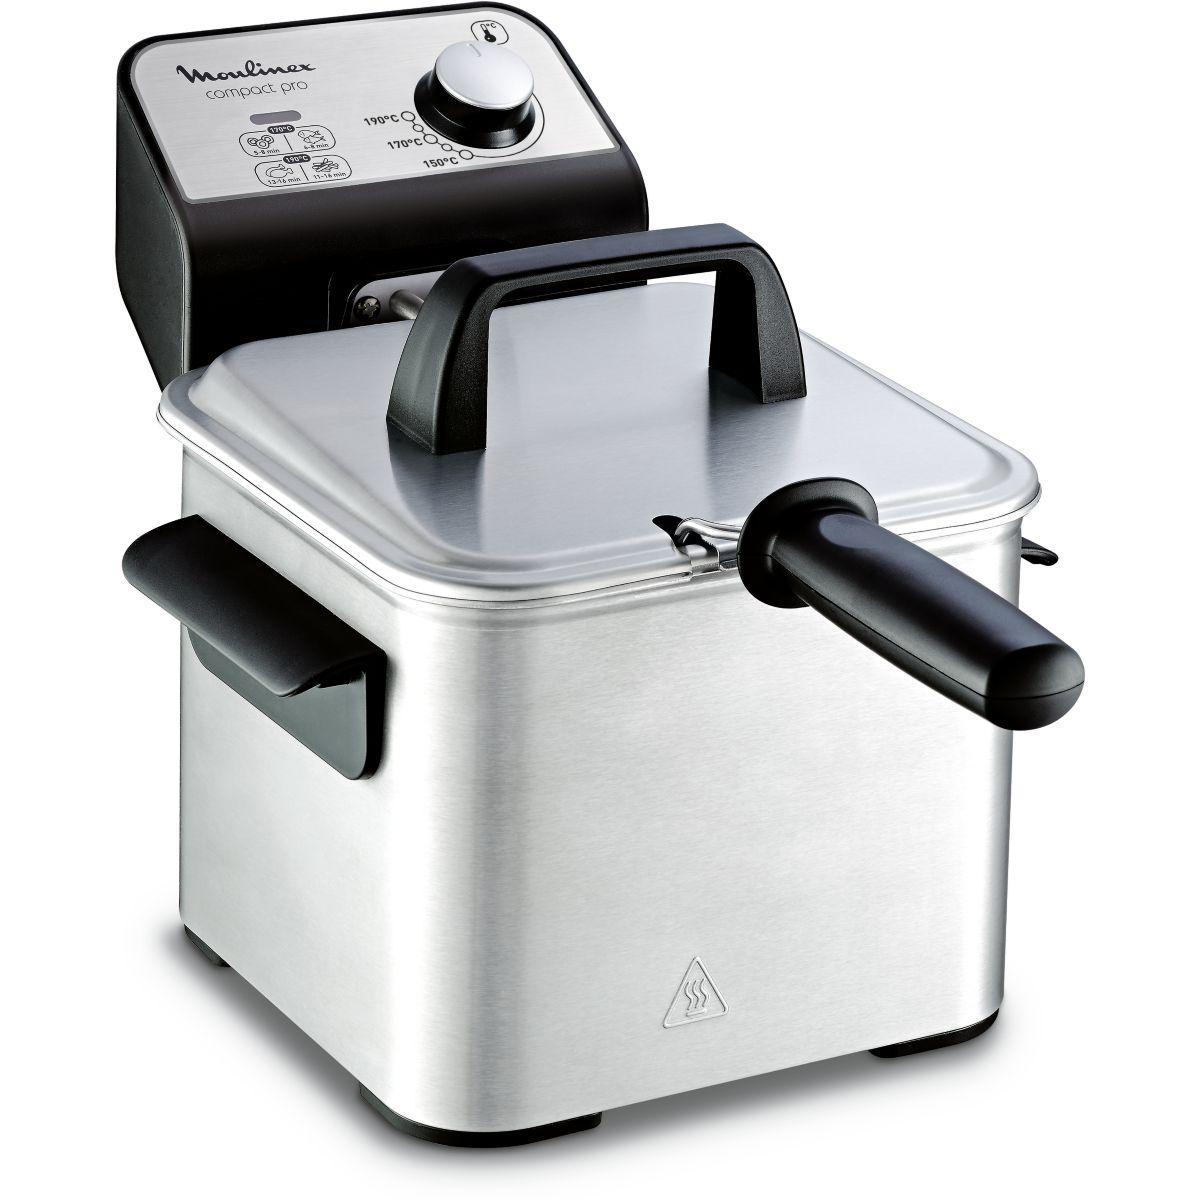 Friteuse semi-professionnelle moulinex compact pro 2l am322070 - 20% de remise imm�diate avec le code : automne20 (photo)